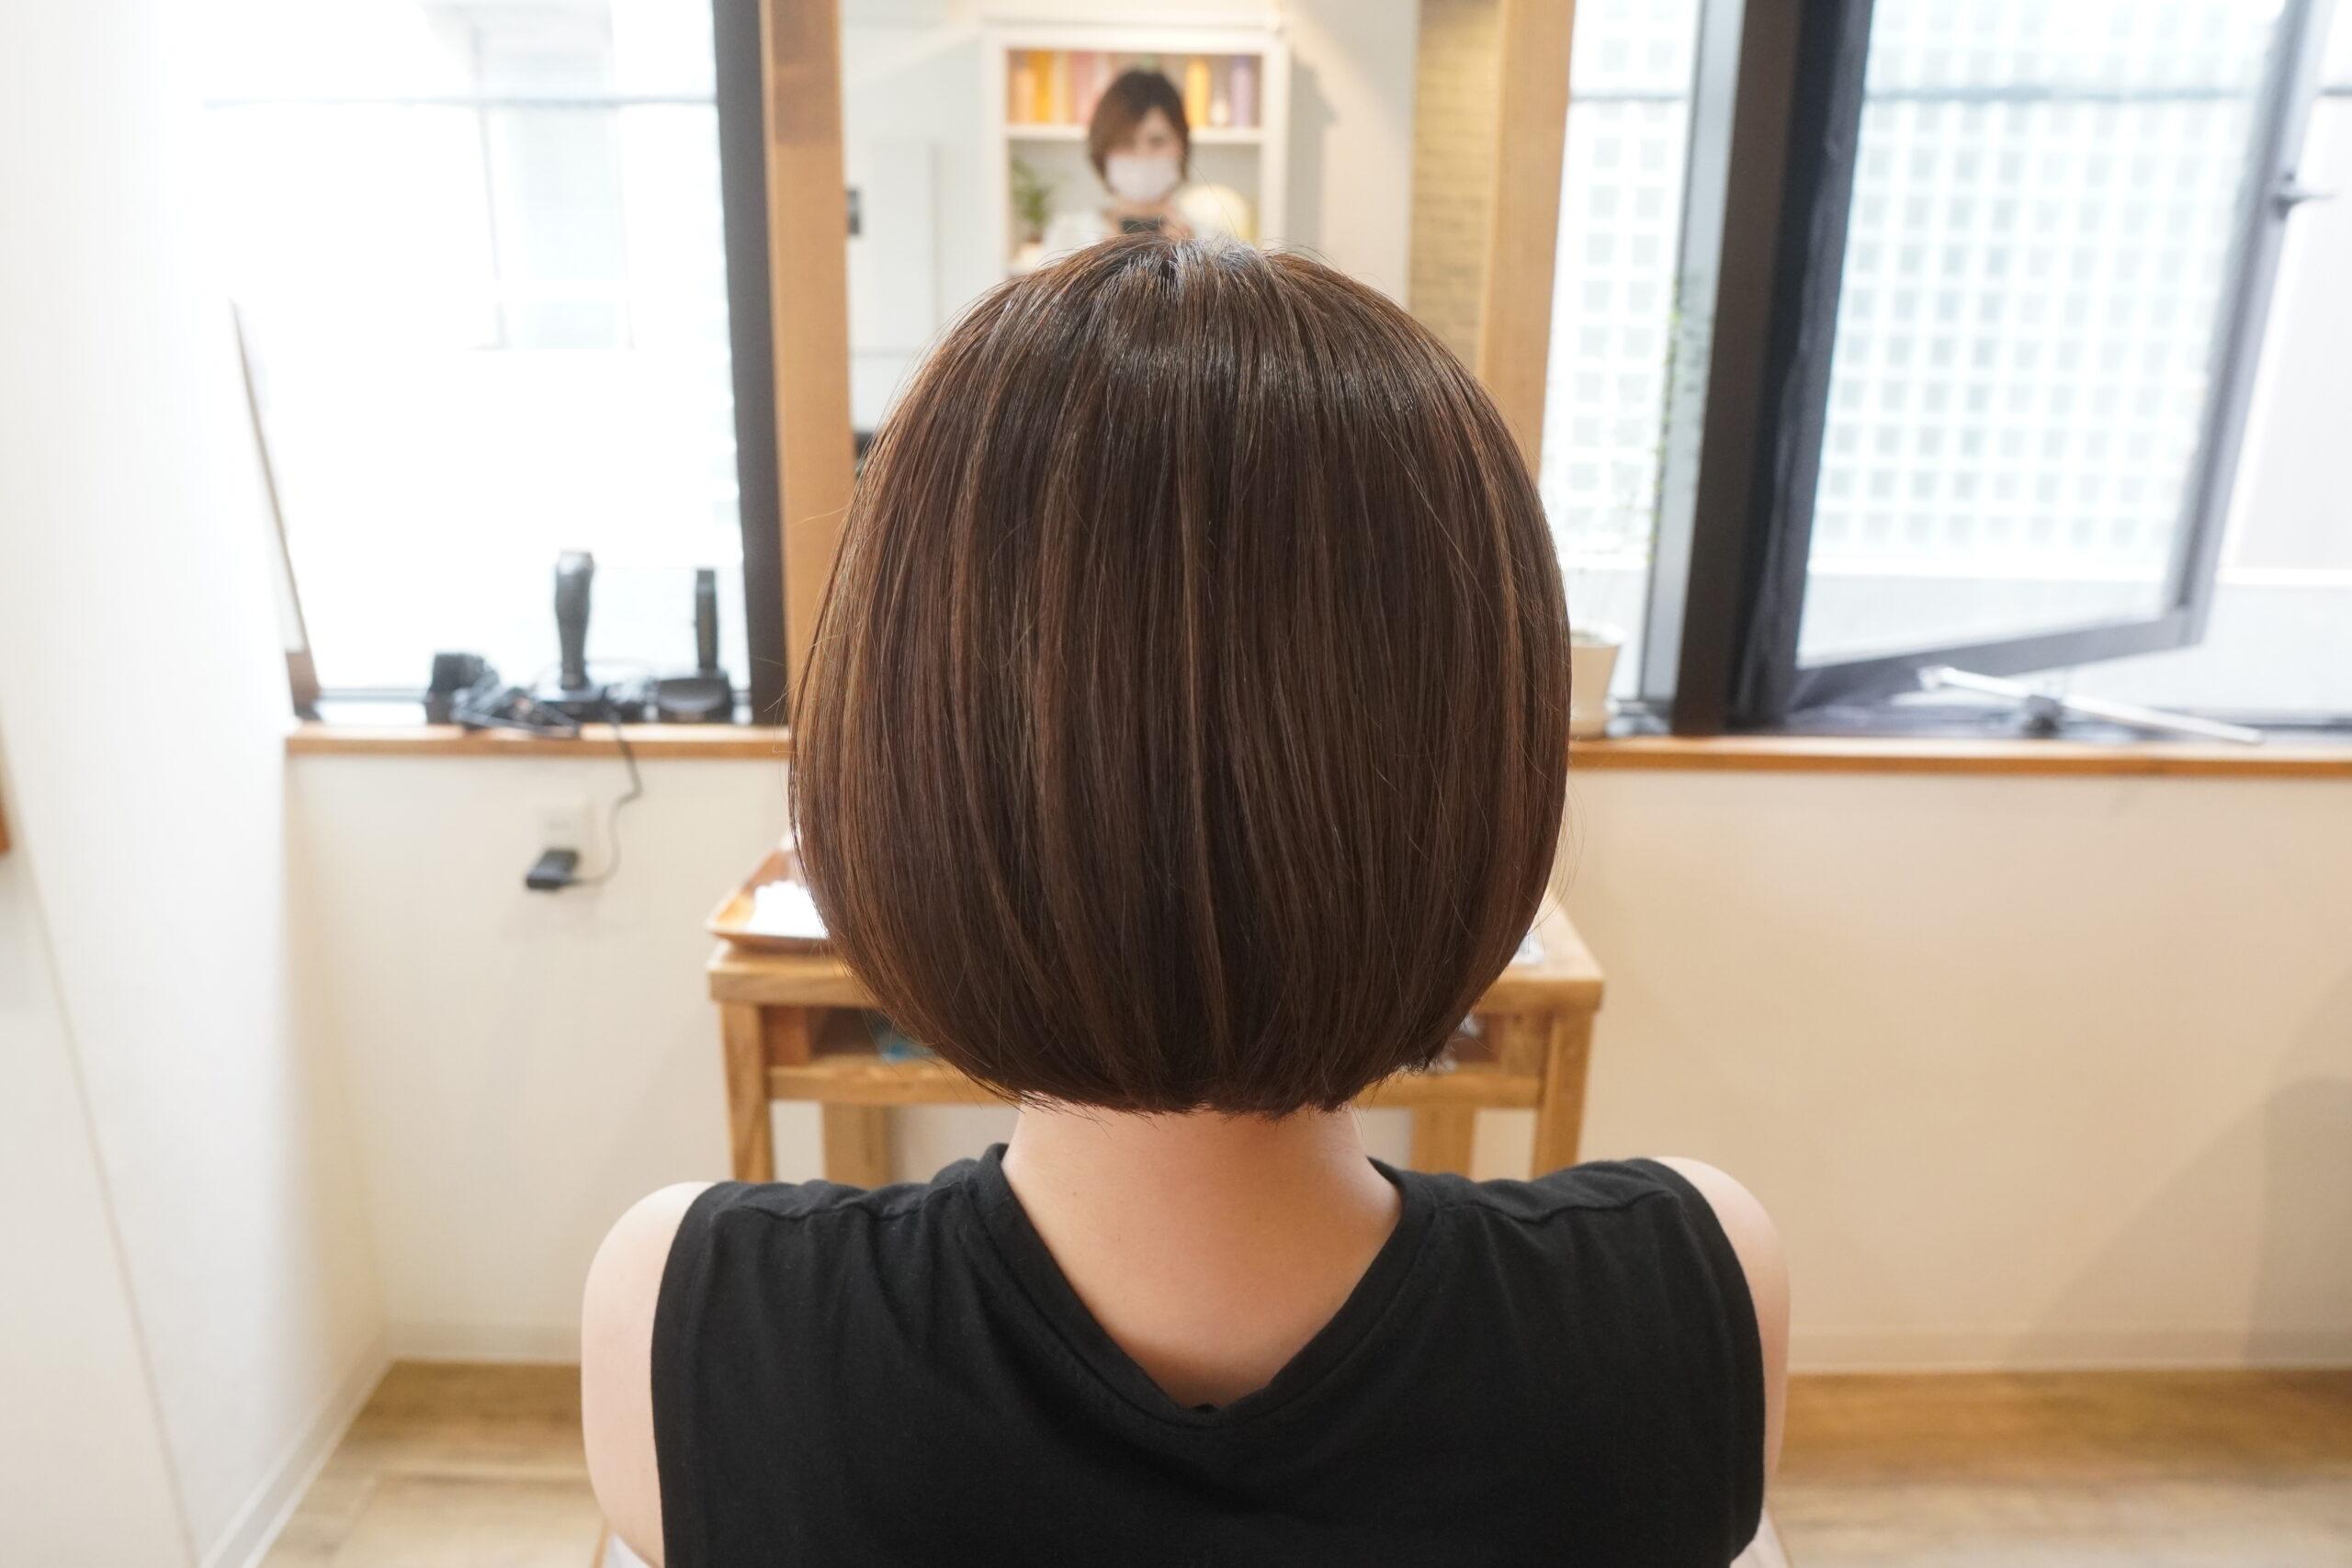 神戸 三宮 イノアカラー イノア オイルカラー オラプレックス 水素トリートメント 地肌改善 髪質改善 ウルトワ ウルトワトリートメント